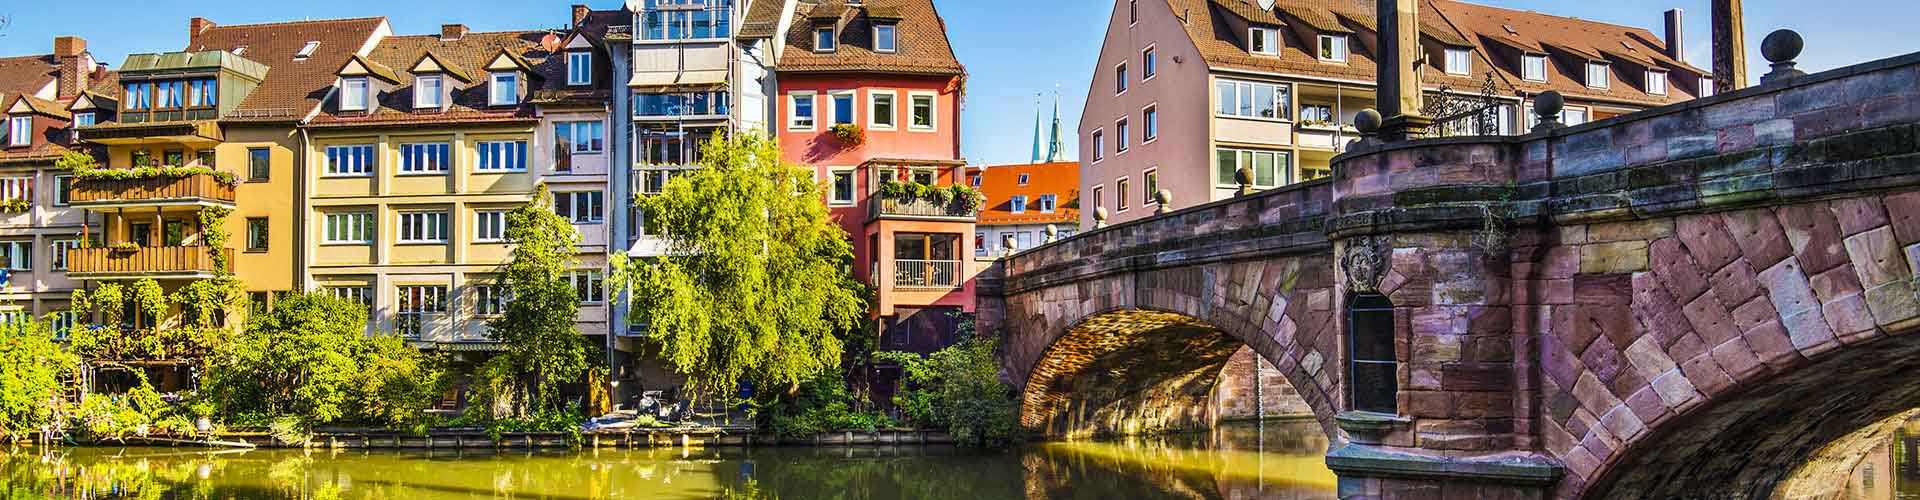 Nuremberg - Hoteles baratos en Nuremberg. Mapas de Nuremberg, Fotos y Comentarios para cada alojamiento en Nuremberg.